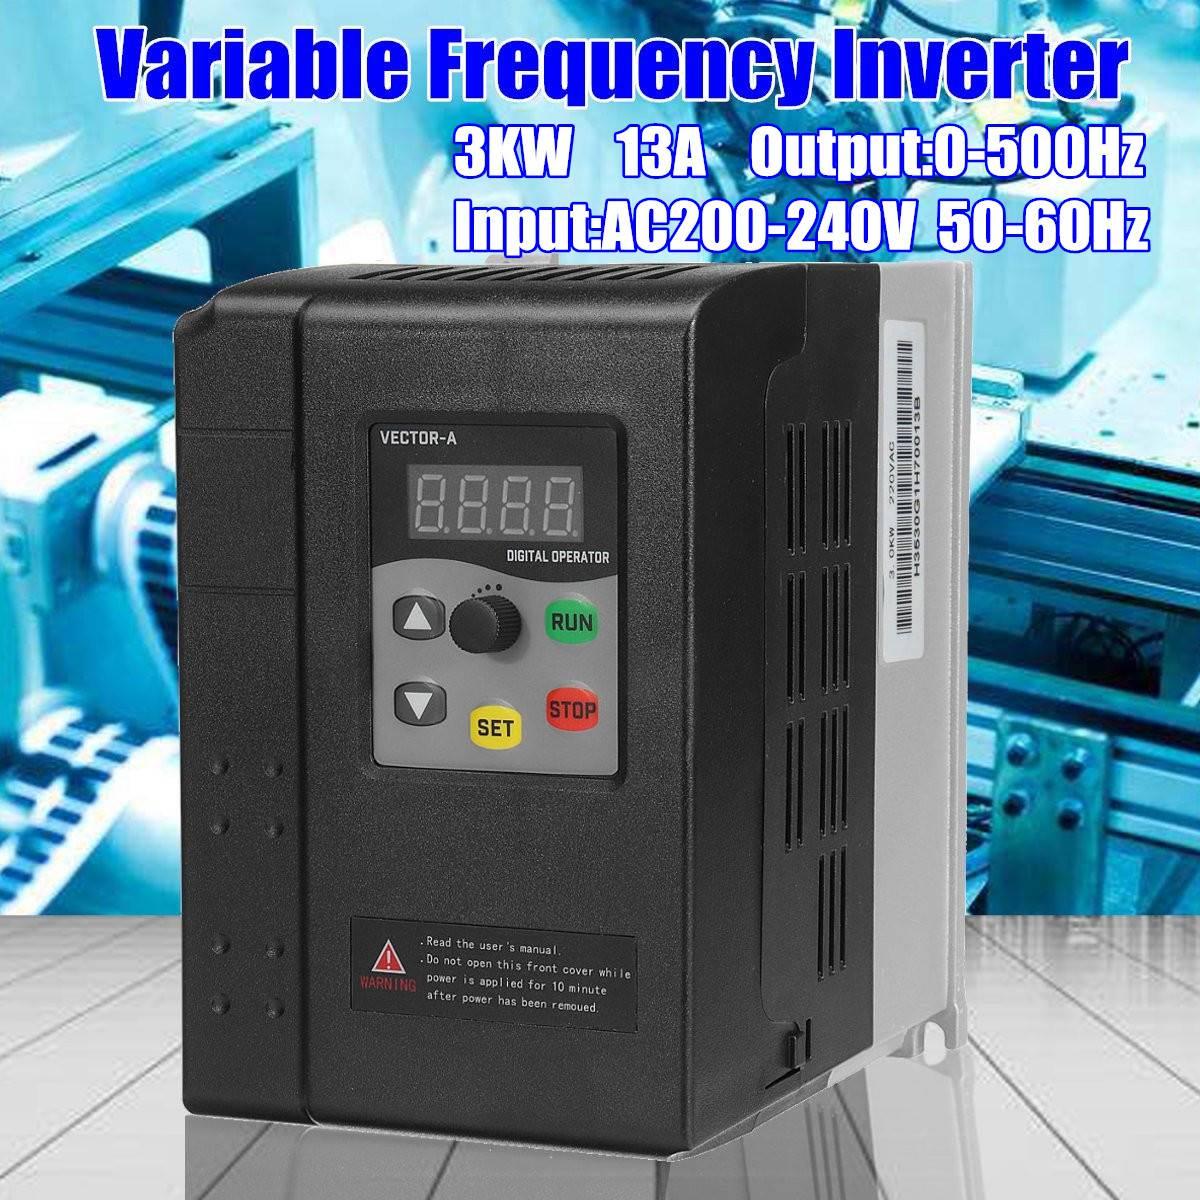 CNC Broche contrôle la vitesse du moteur 220 v 3kw VFD variateur de fréquence VFD 1 phase d'entrée 3 phase sortie variateur de fréquence